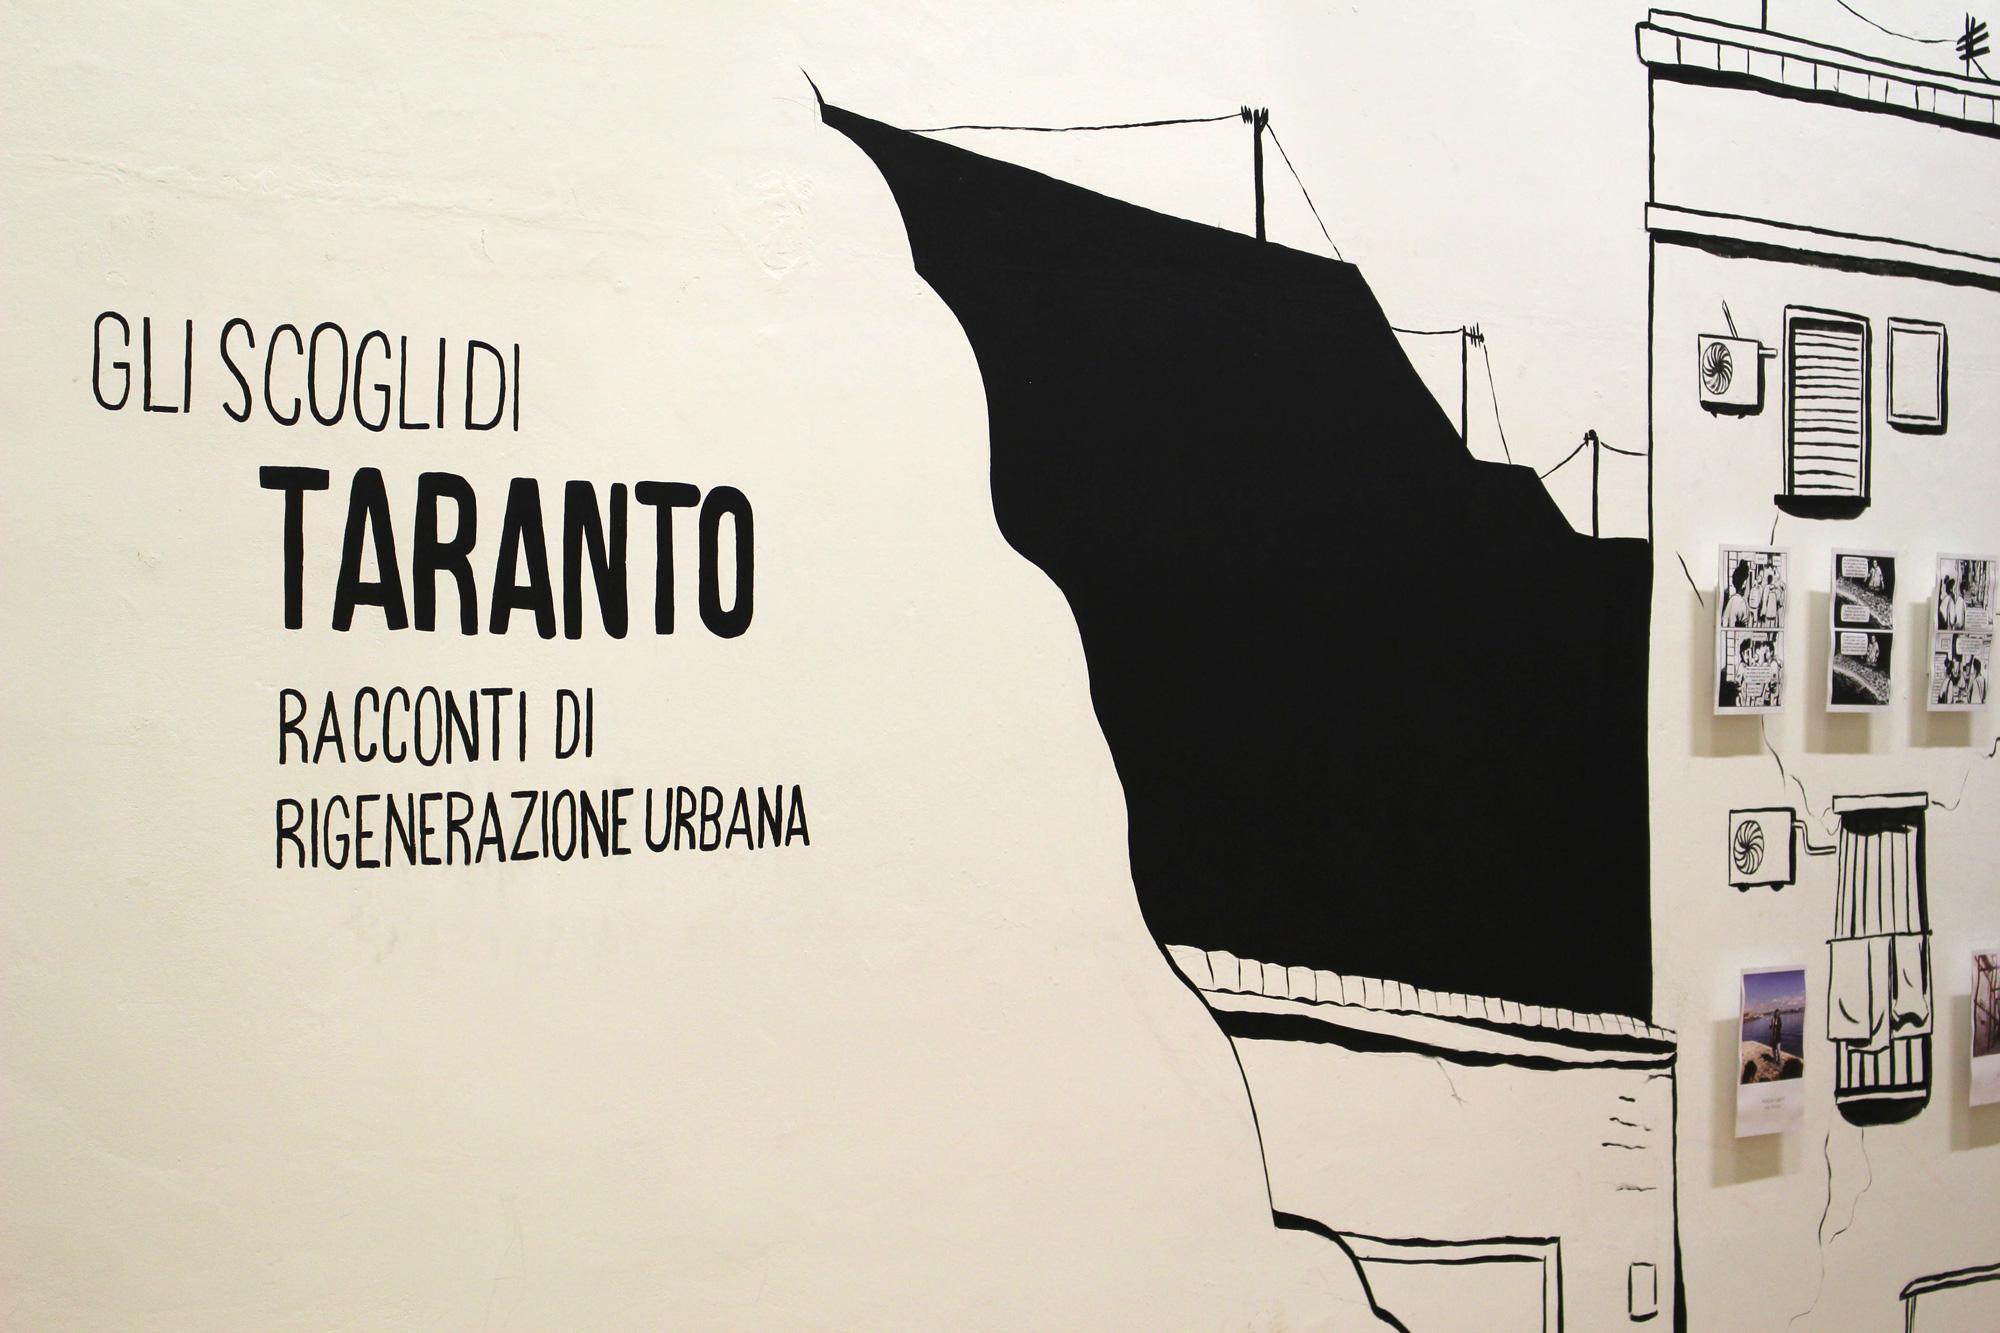 Gli scogli di Taranto